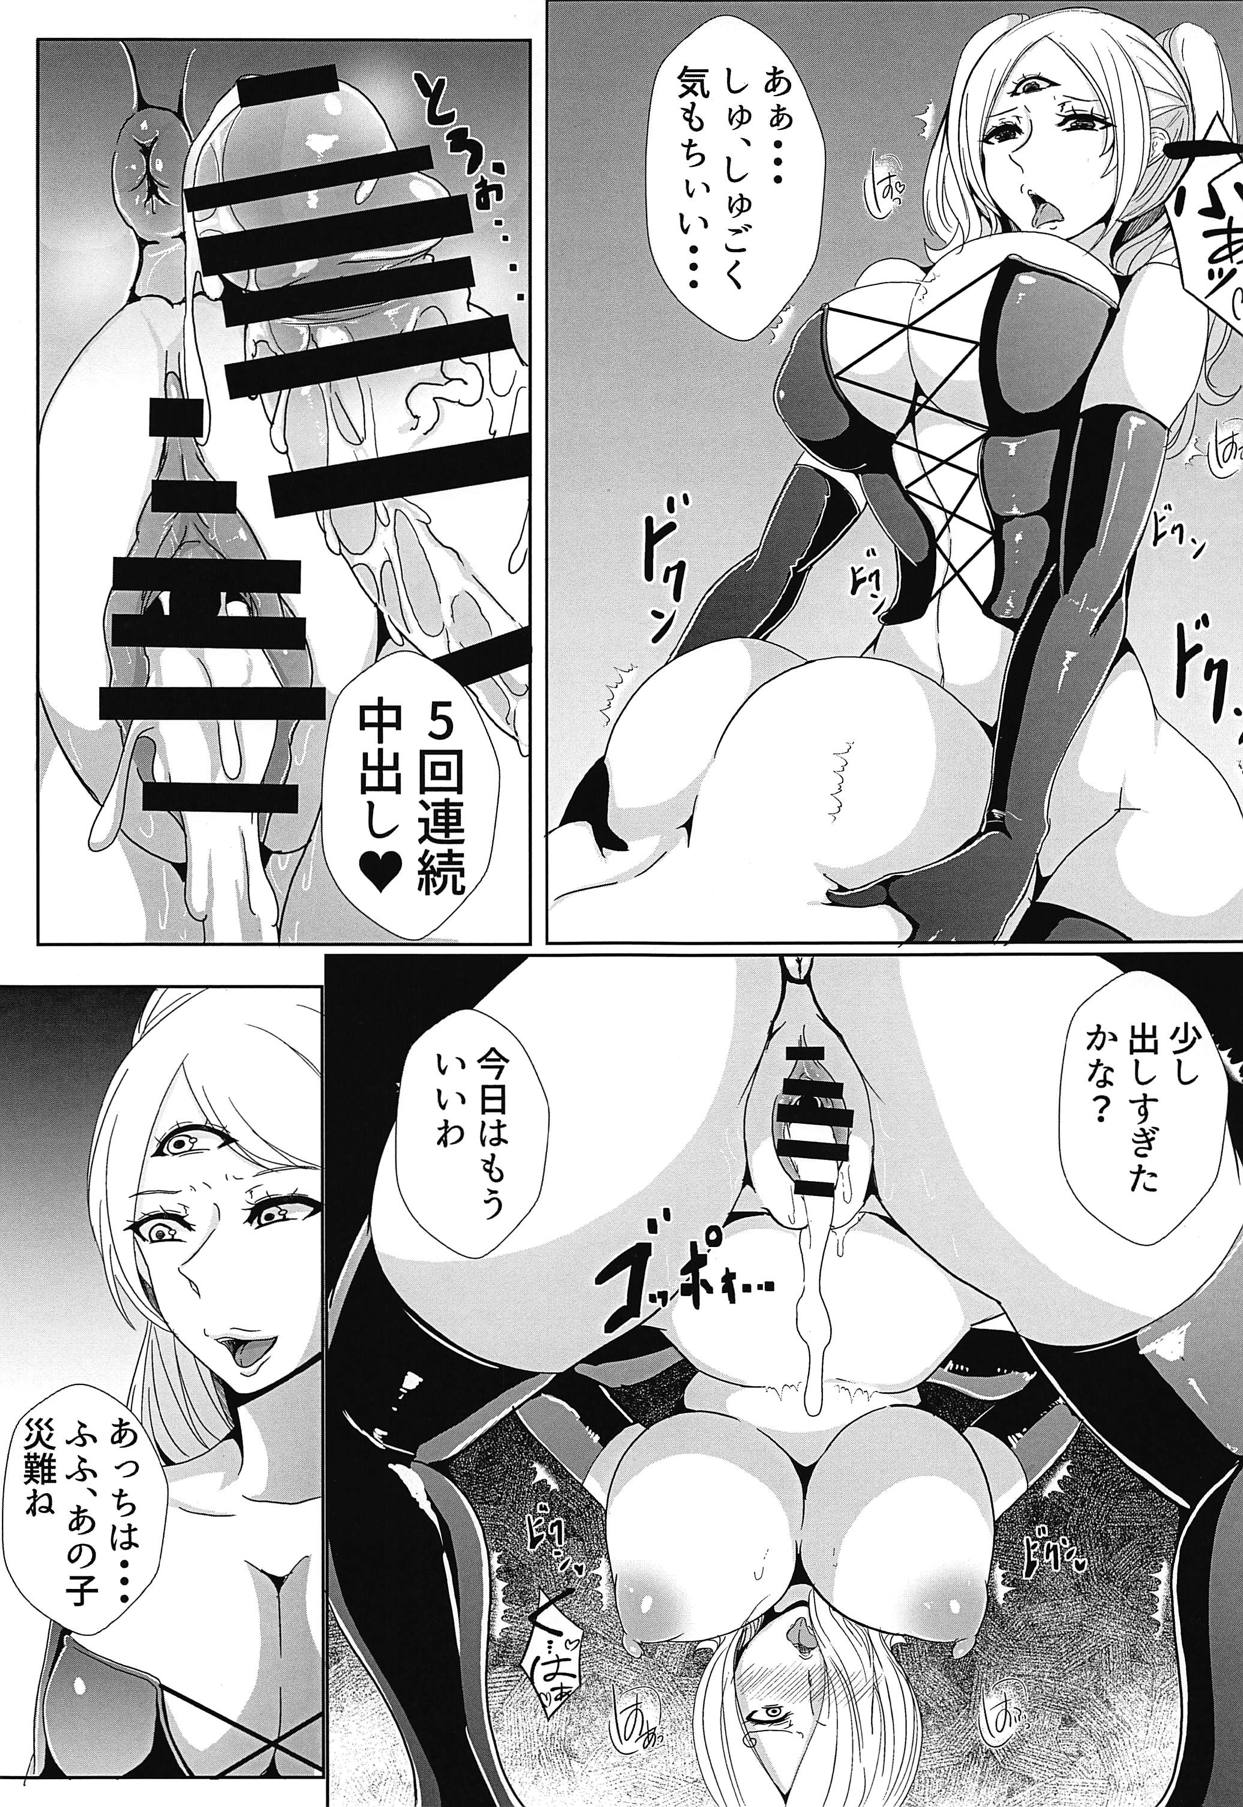 ワンピース エロ ナミ 漫画